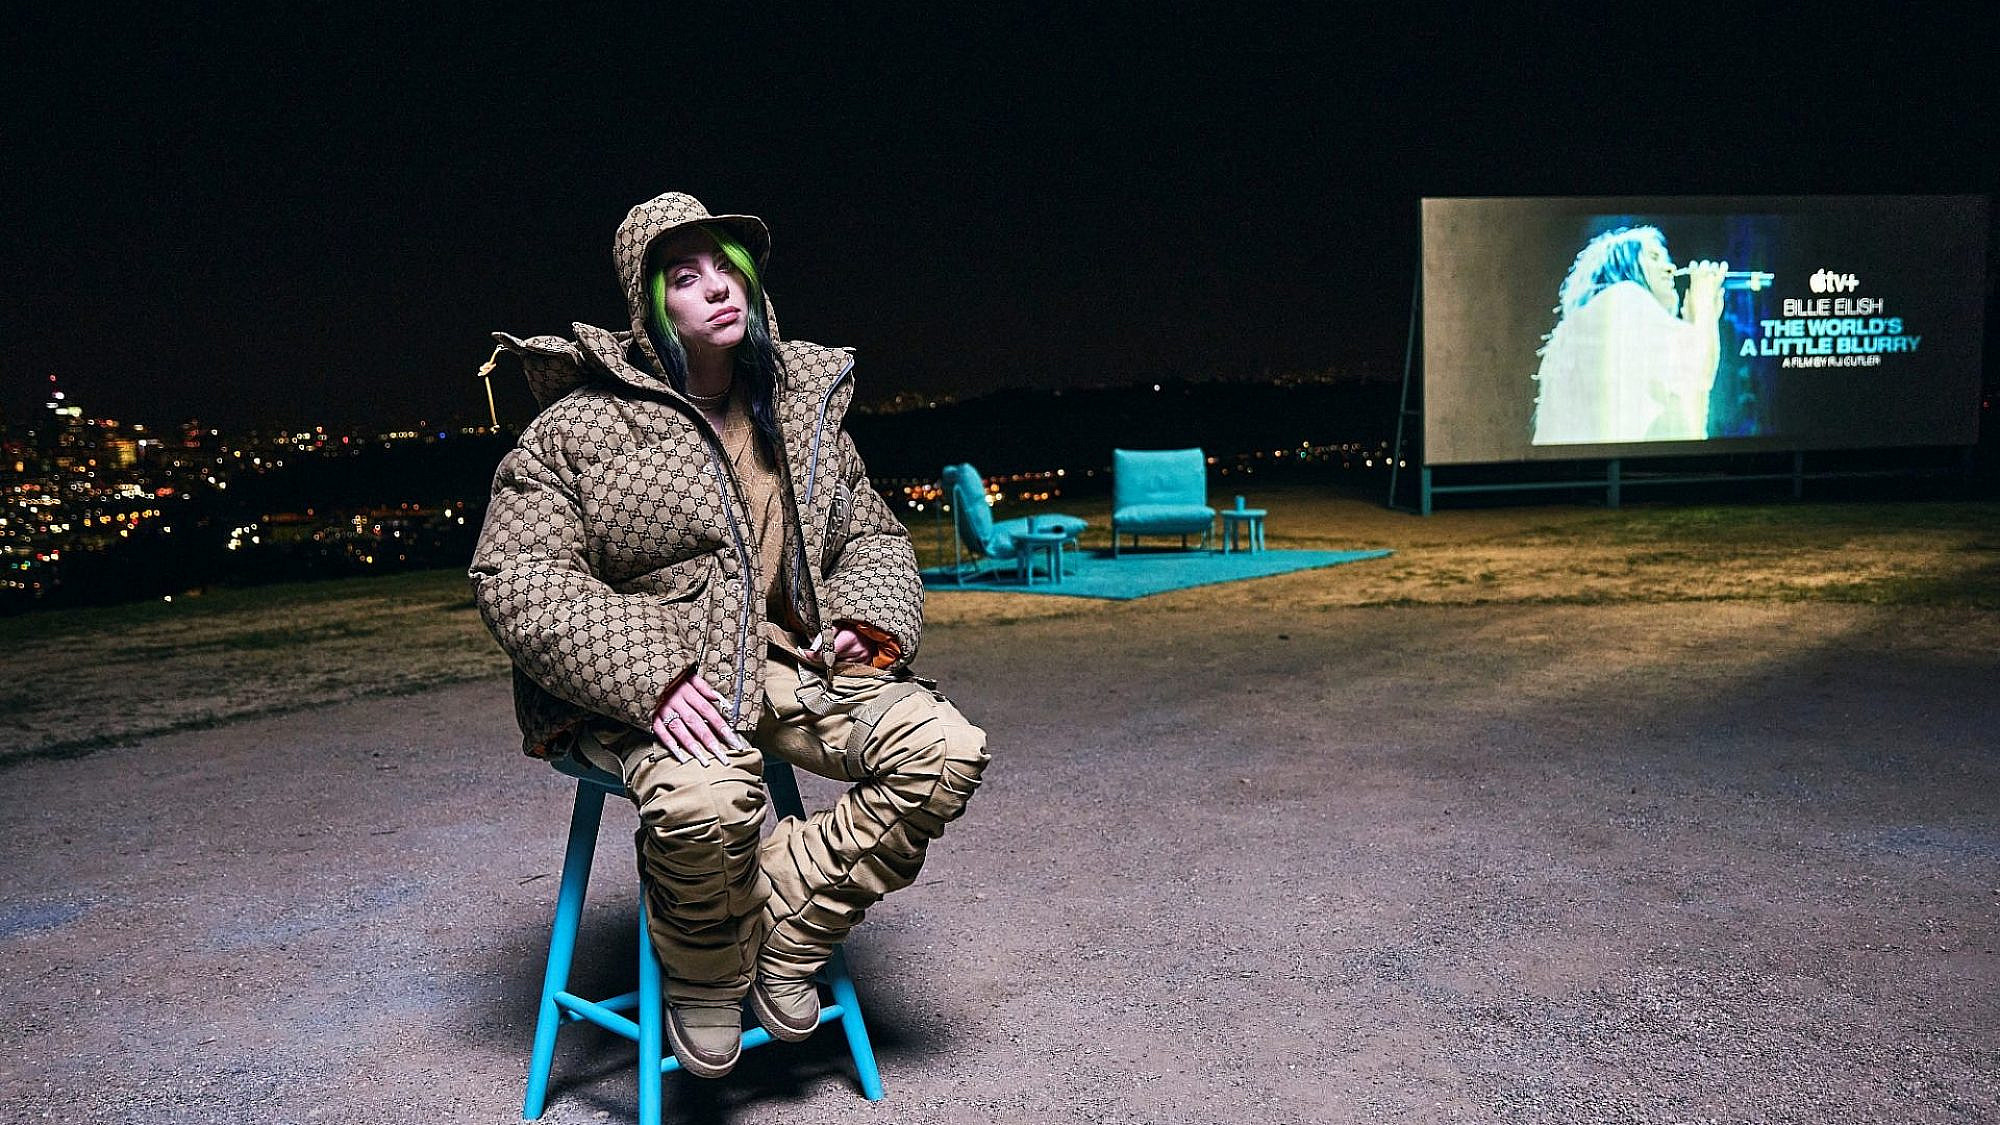 """עמדה ושאלה """"למה?"""". בילי אייליש באירוע ההשקה של הסרט באל.איי (צילום: קורי אנג'לו\גטי אימג'ס)"""